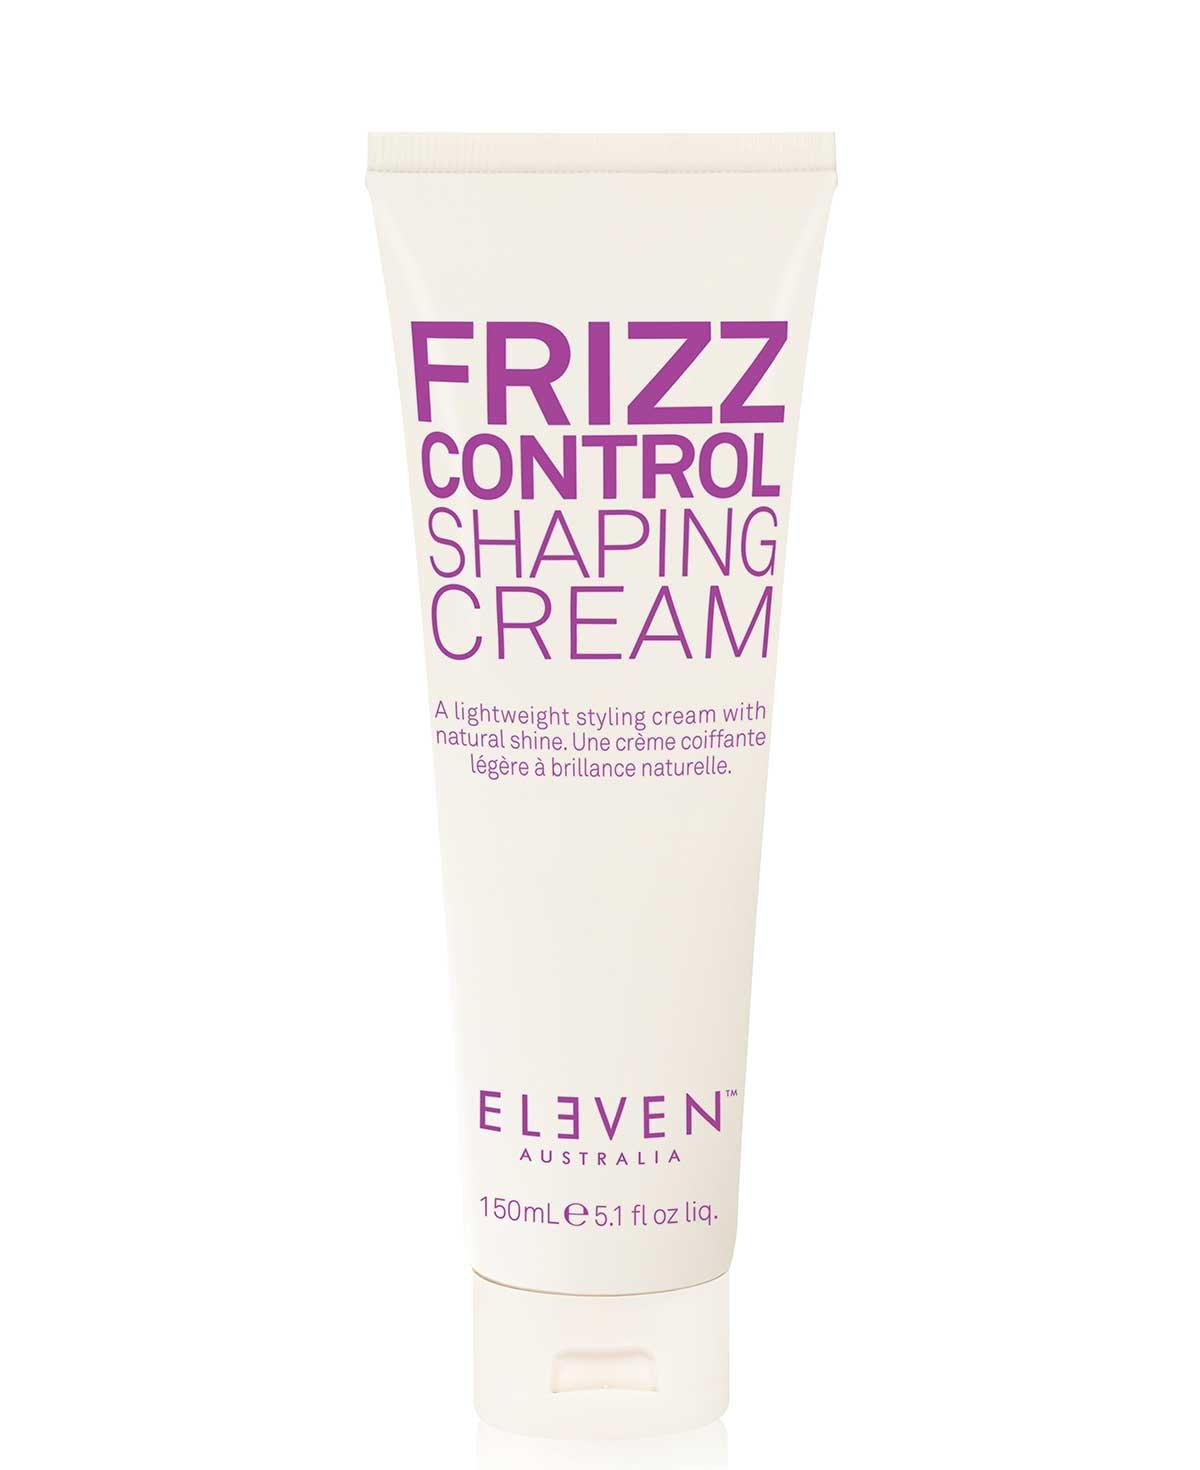 Eleven Frizz Control Shaping Cream 150ml